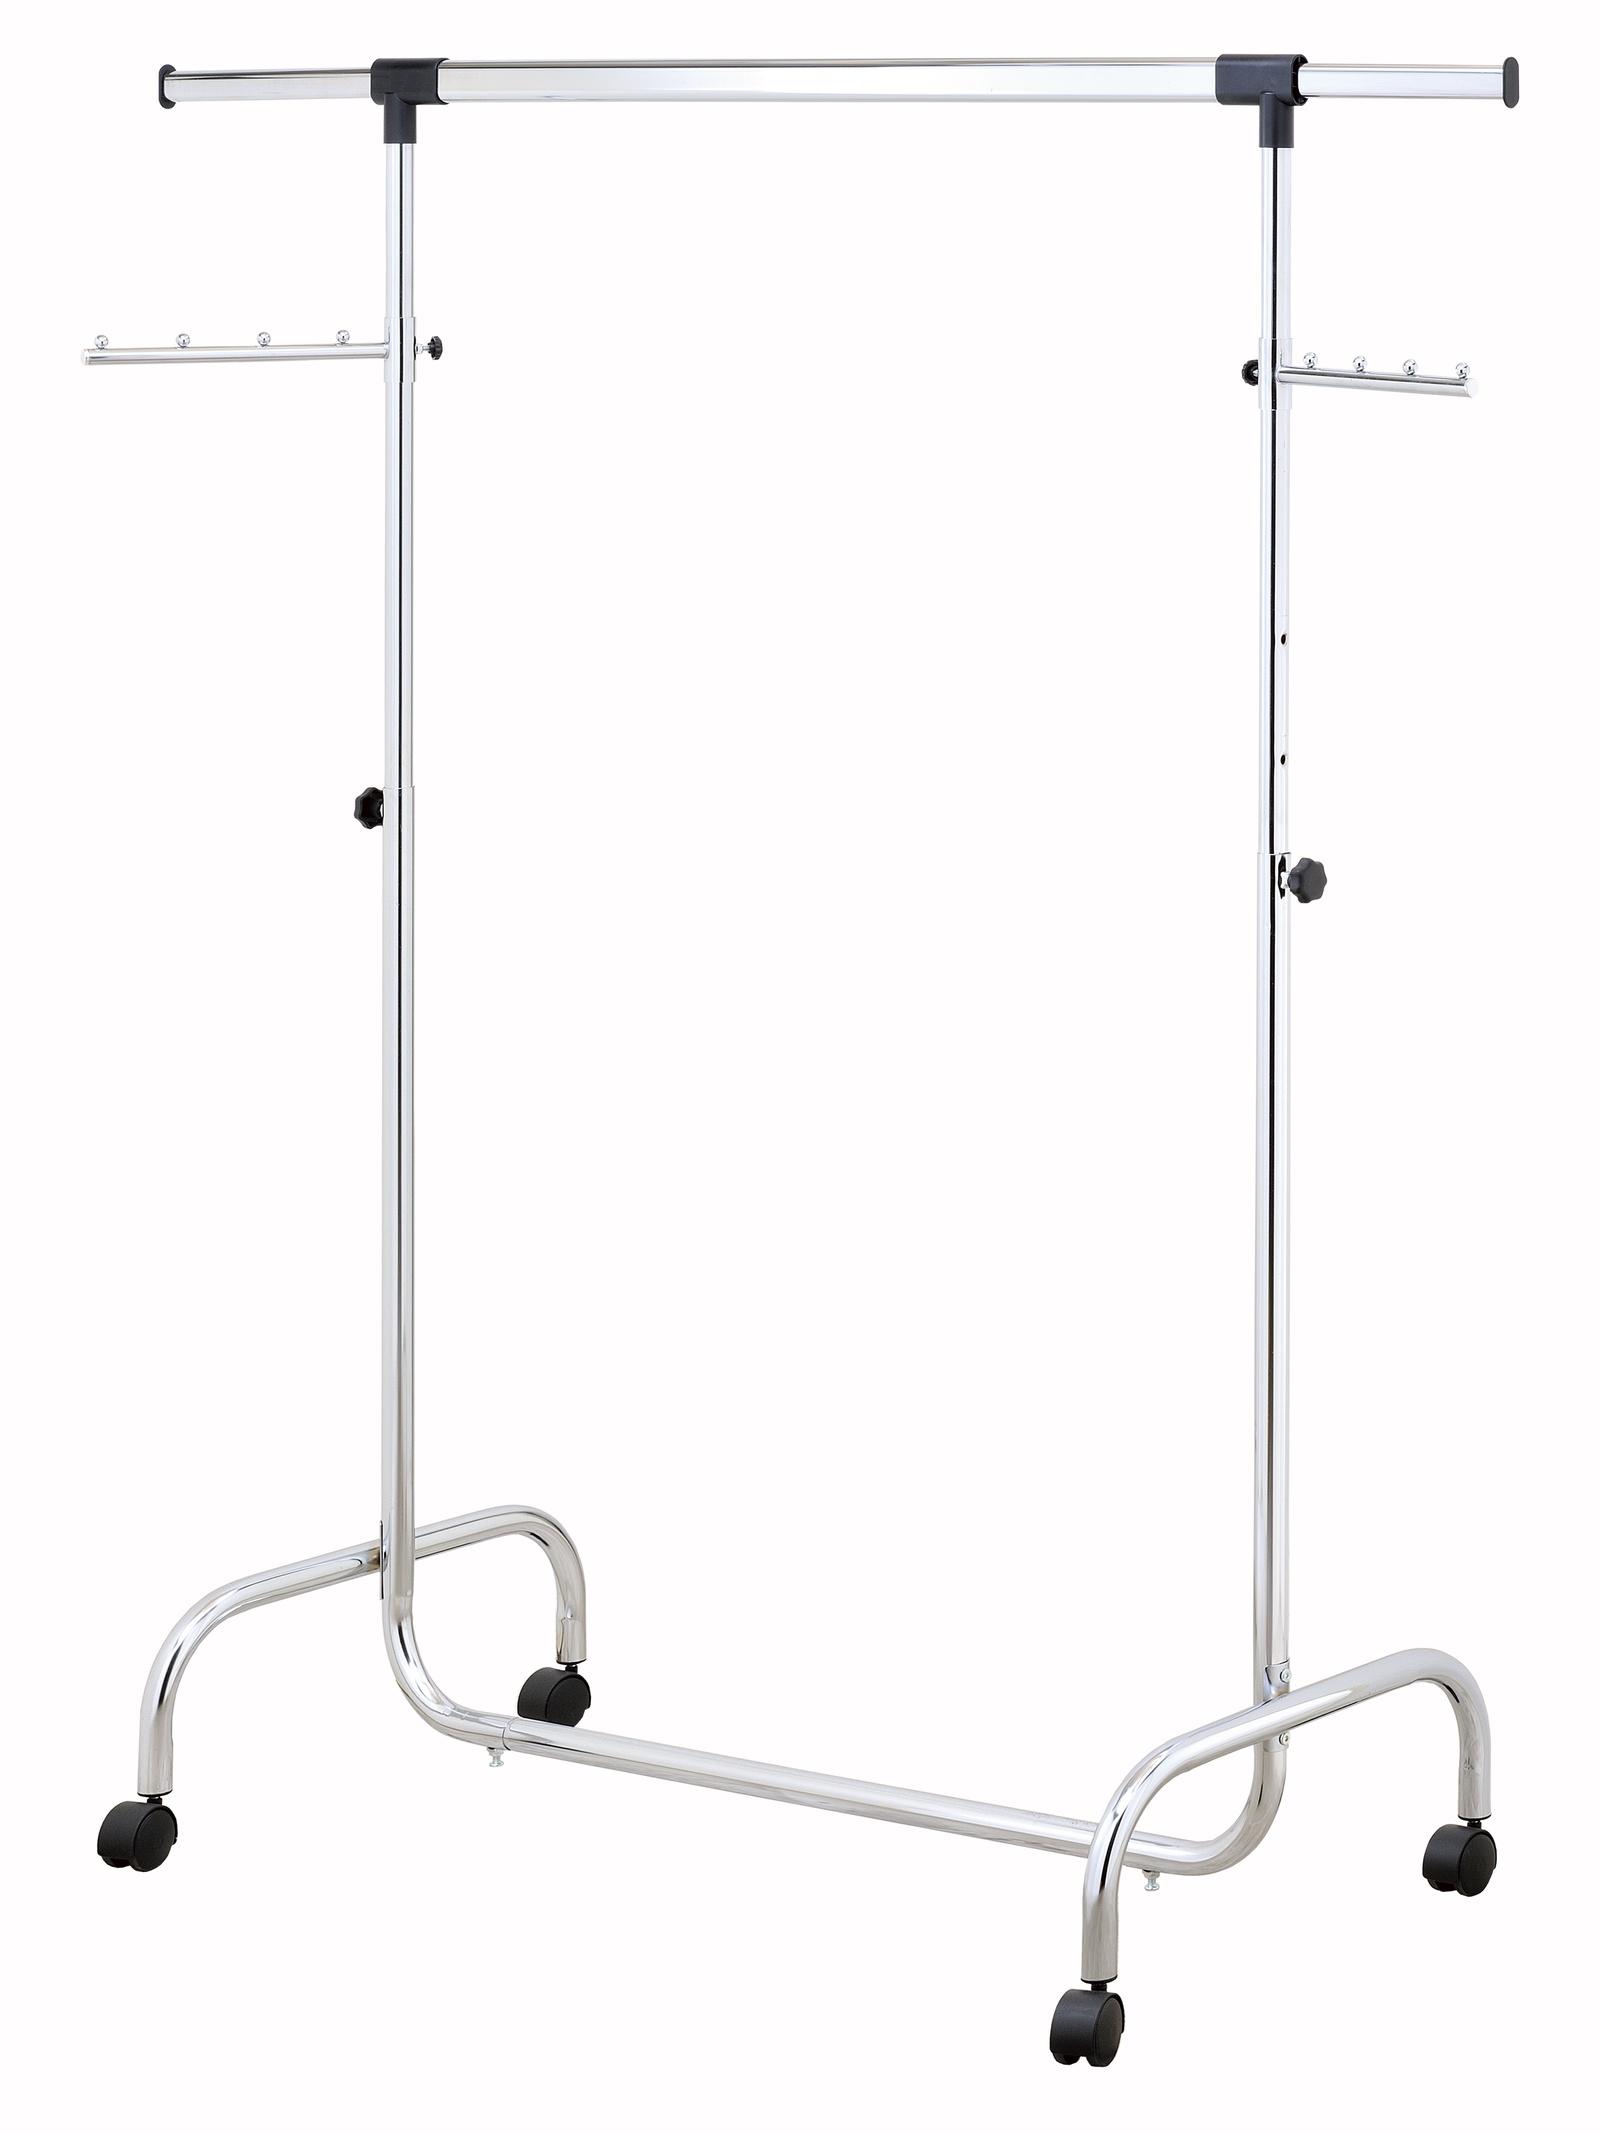 Стойка для одежды UniStor Напольная вешалка для одежды RINO усиленная напольная стойка на колёсиках для одежды, Хромированная поверхность напольная стойка для аппаратуры tvholder mobex 02